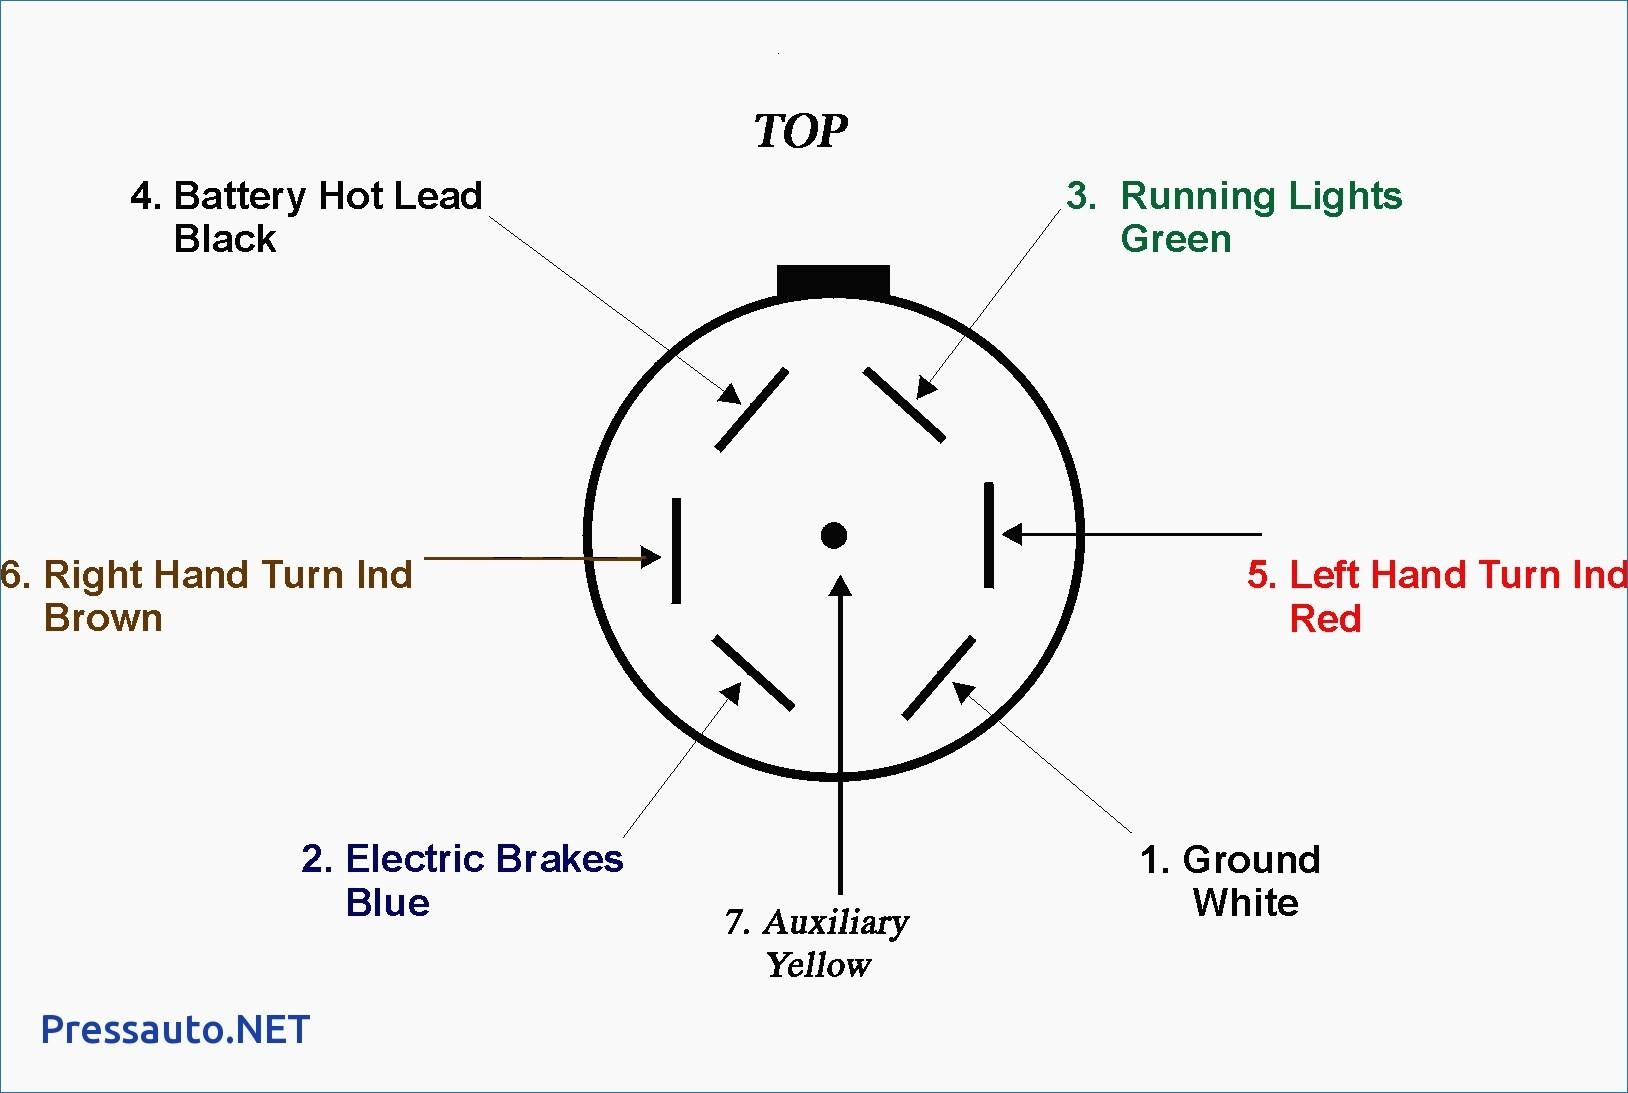 7 Pin Plug Wiring Diagram - Wiring Diagram Data - 7 Pin Round Trailer Plug Wiring Diagram